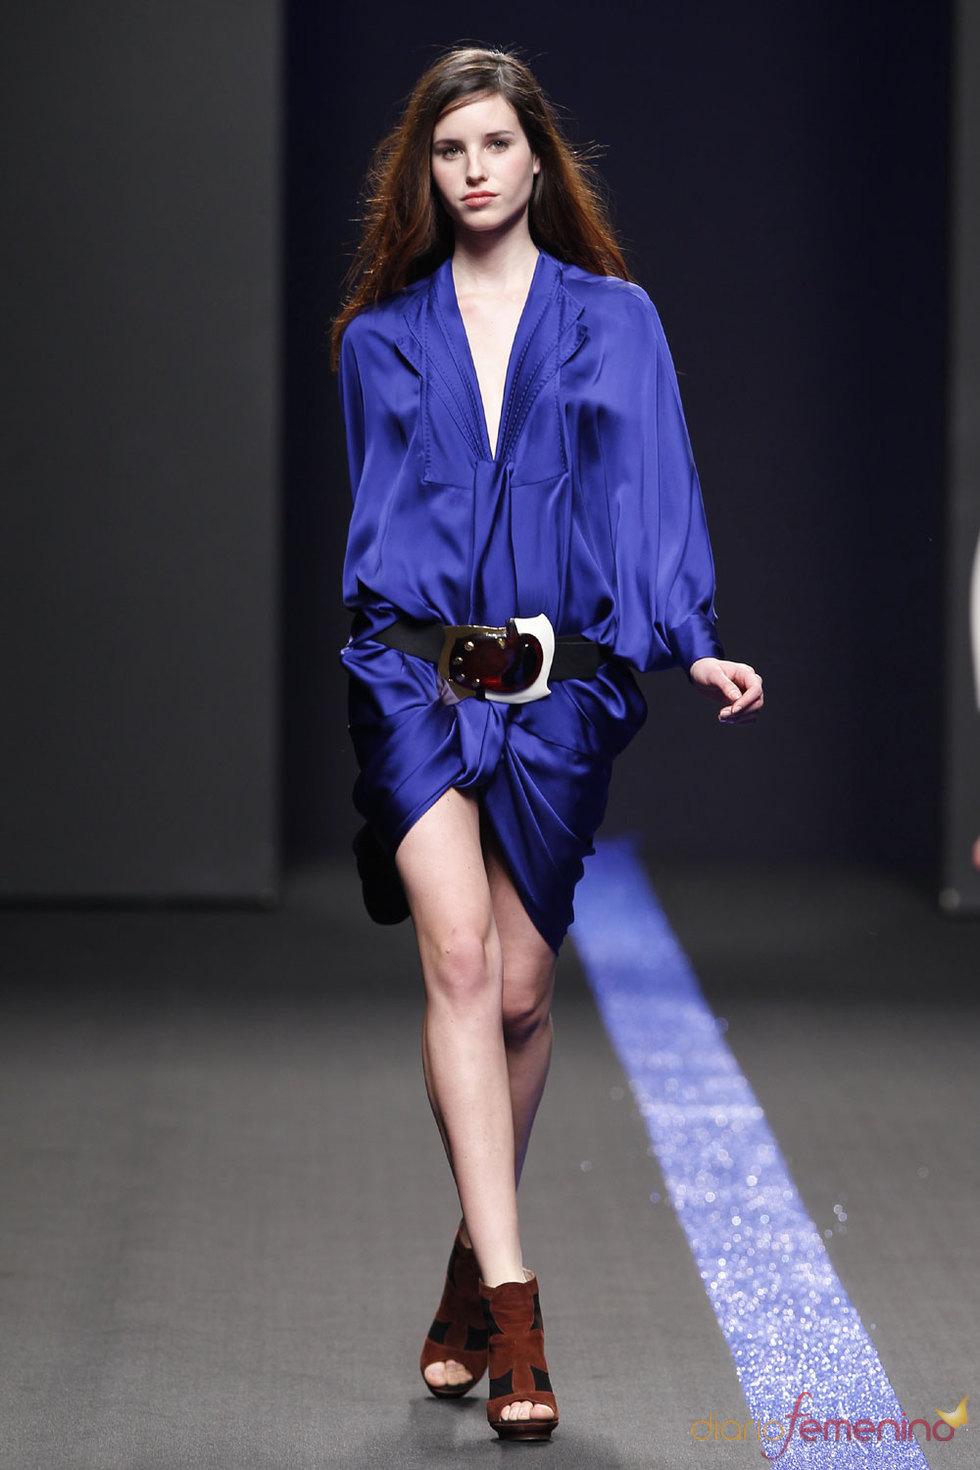 Vestido de seda de Miguel Palacio en Cibeles Fashion Week 2010